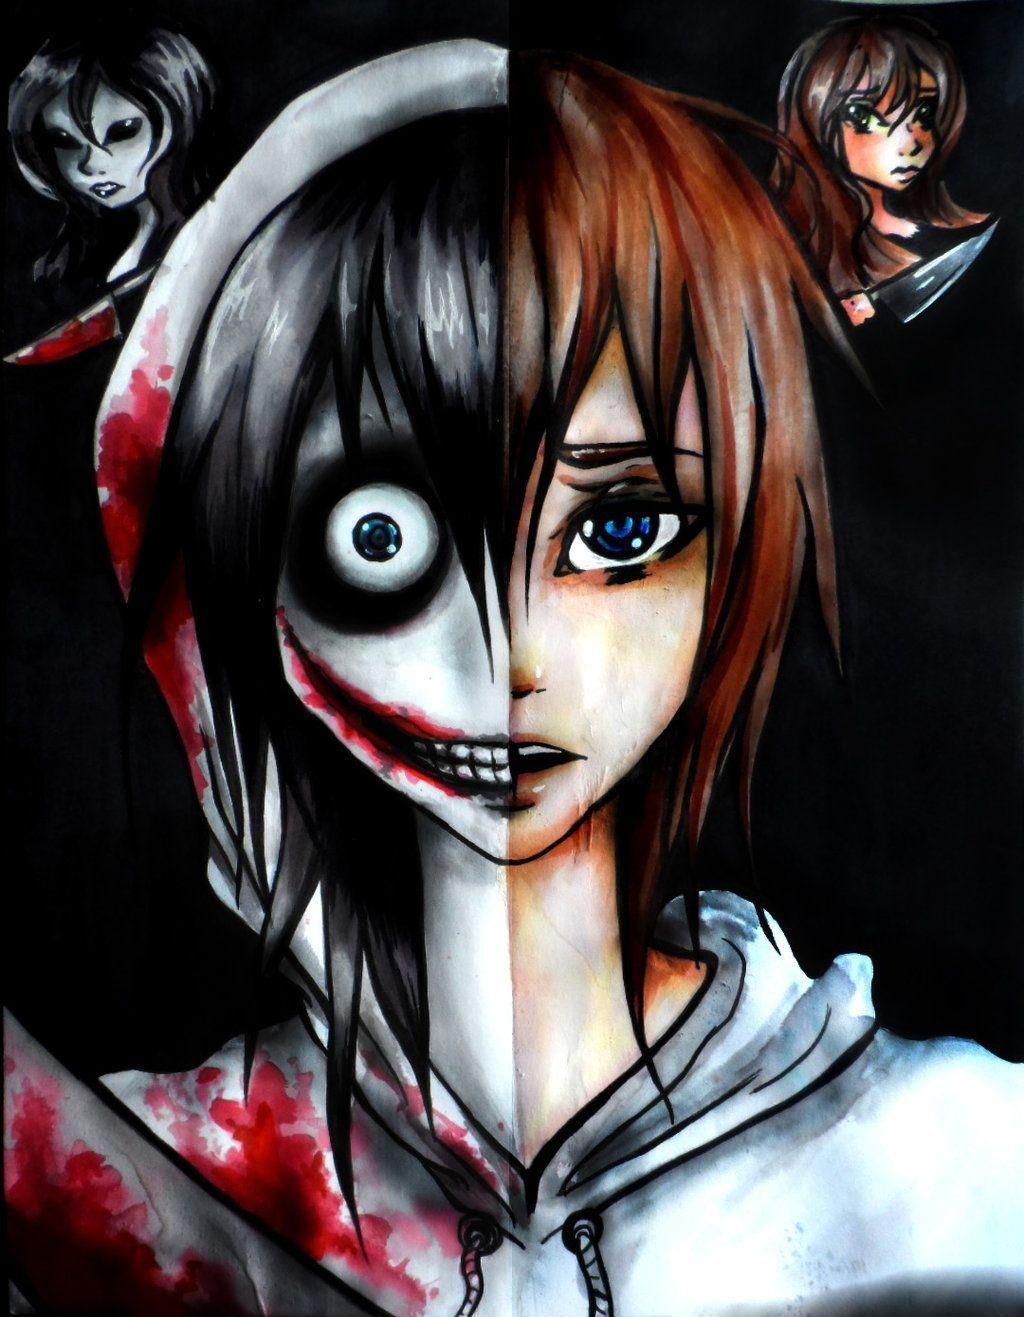 Foto Jeff The Killer Anime